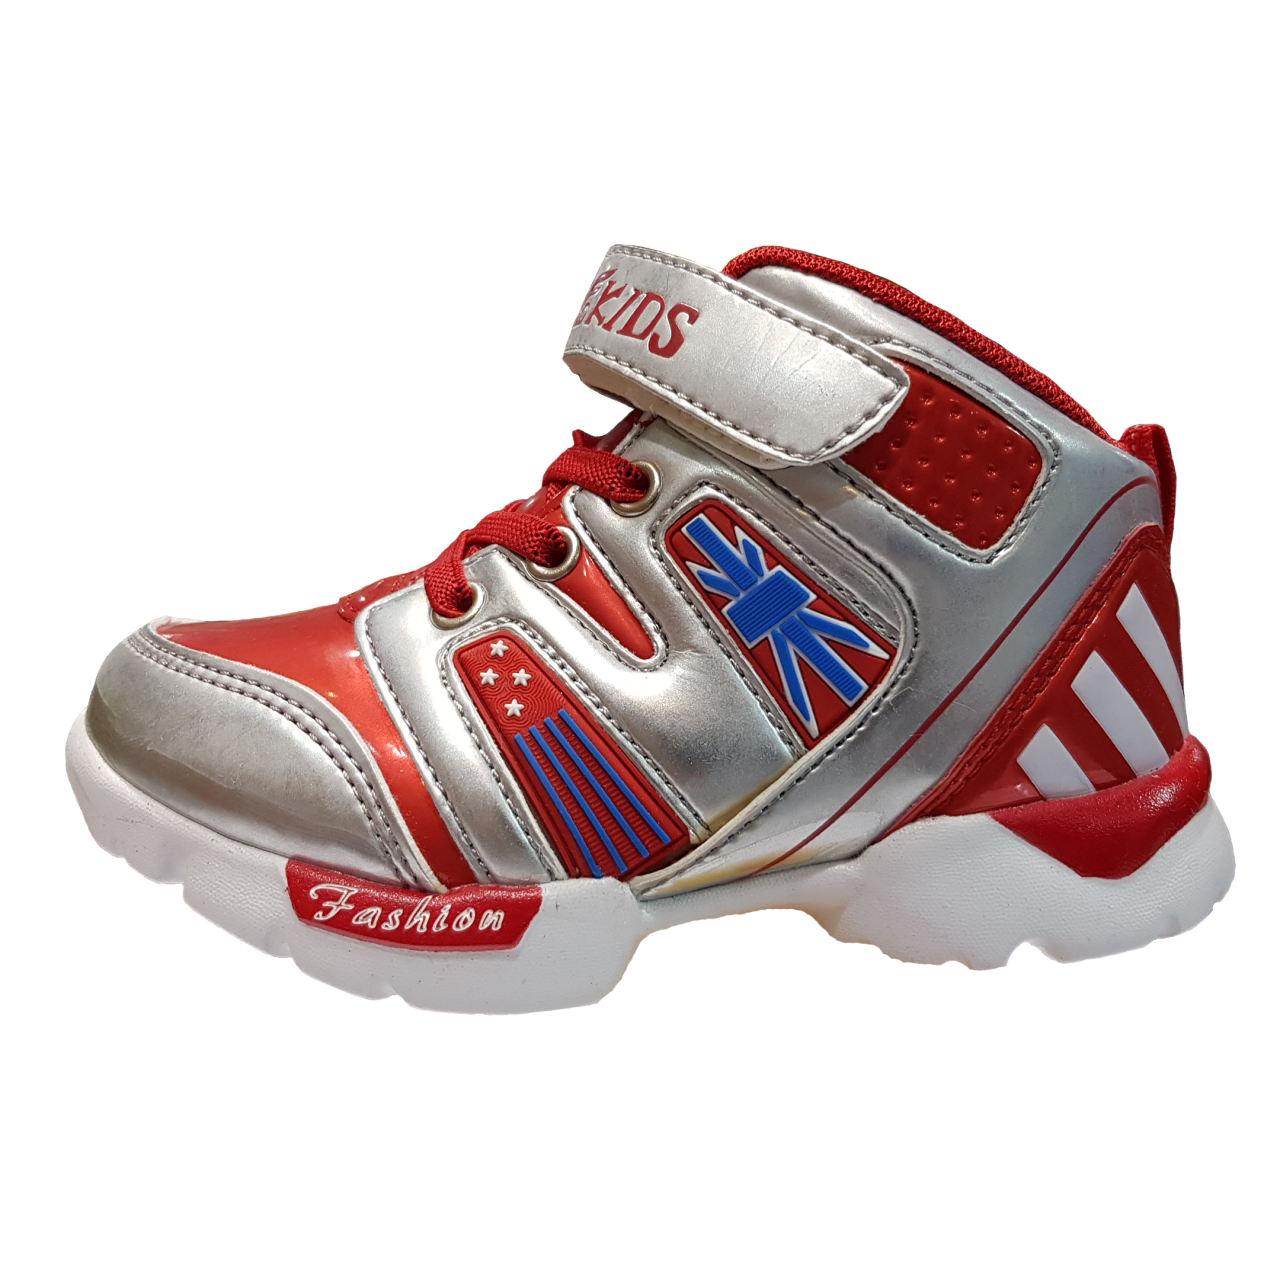 کفش مخصوص دویدن بچگانه کد 3864489